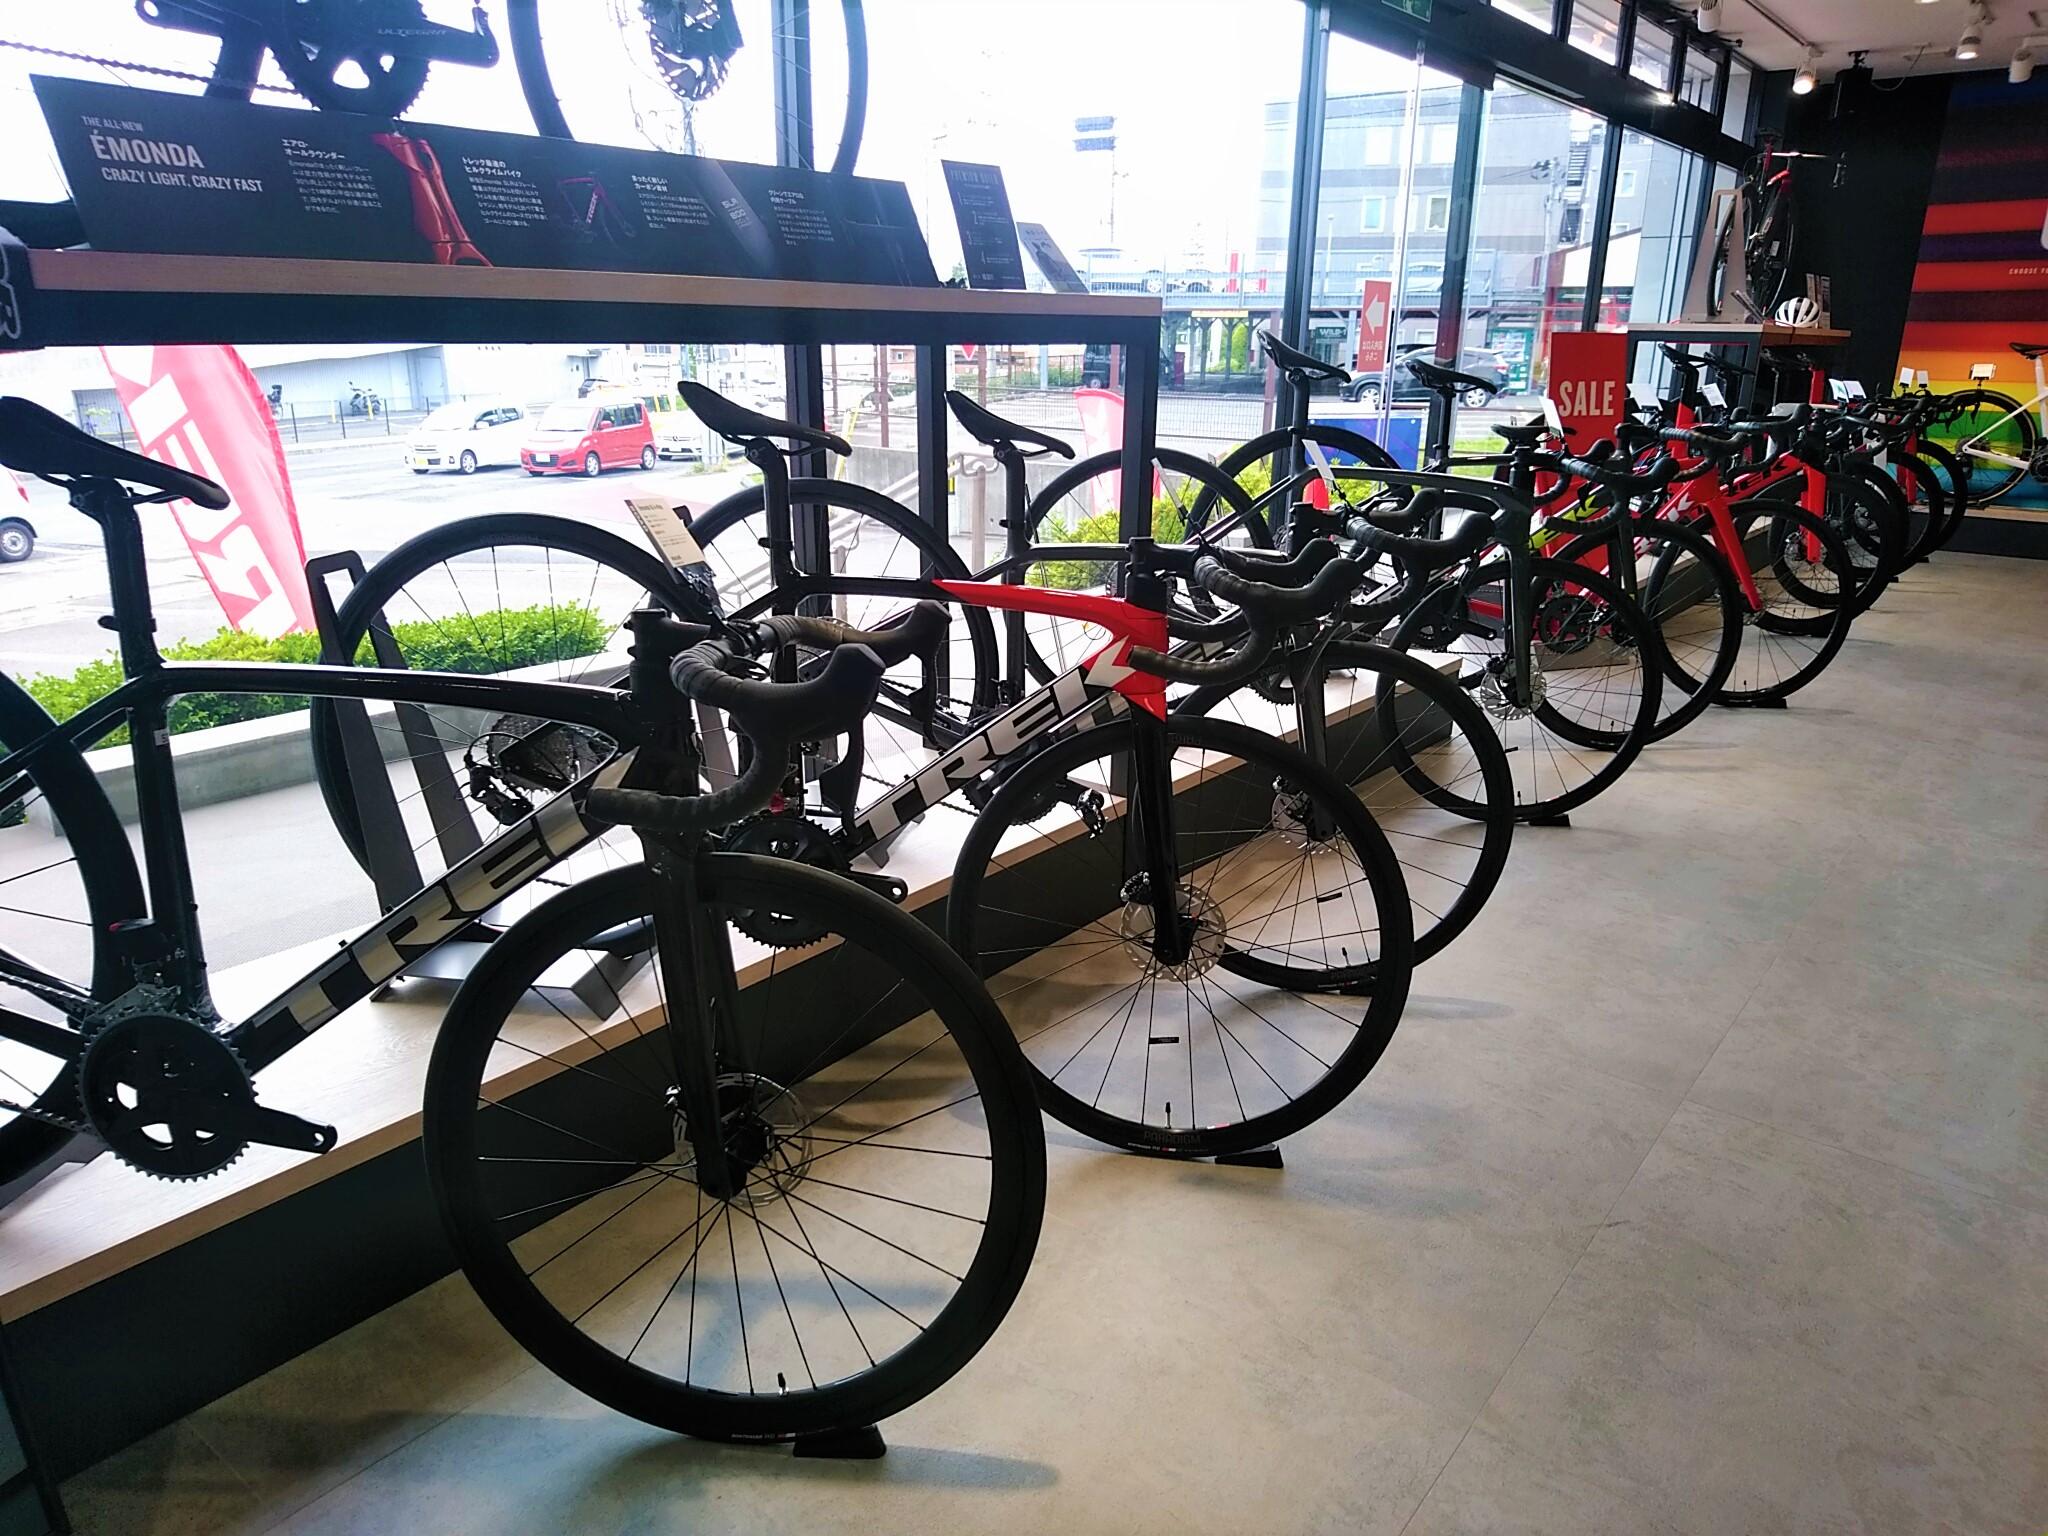 【クロスバイク、ロードバイク在庫状況】TREK Bicycle 仙台泉中央店 ※7月9日現在